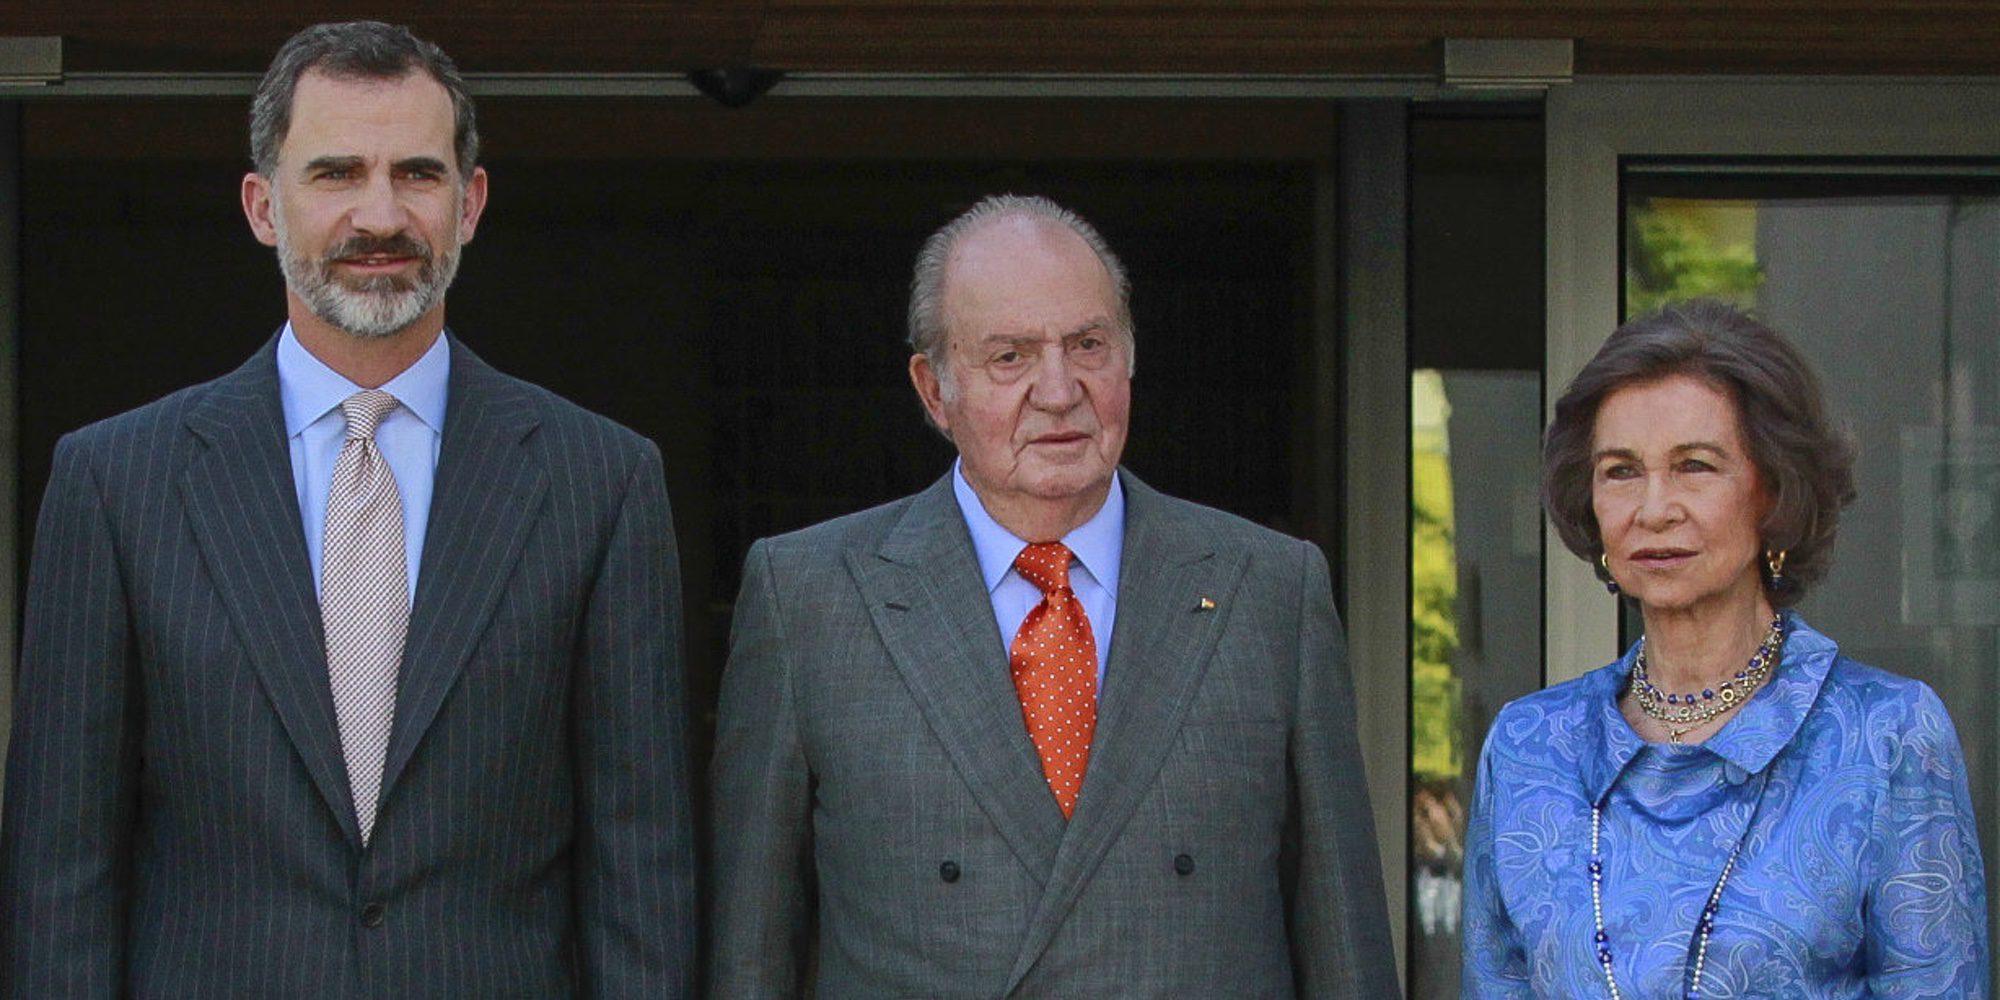 La otra cara de Barcelona 92 para la Familia Real: El Rey Felipe y la Reina Sofía no hablaban al Rey Juan Carlos